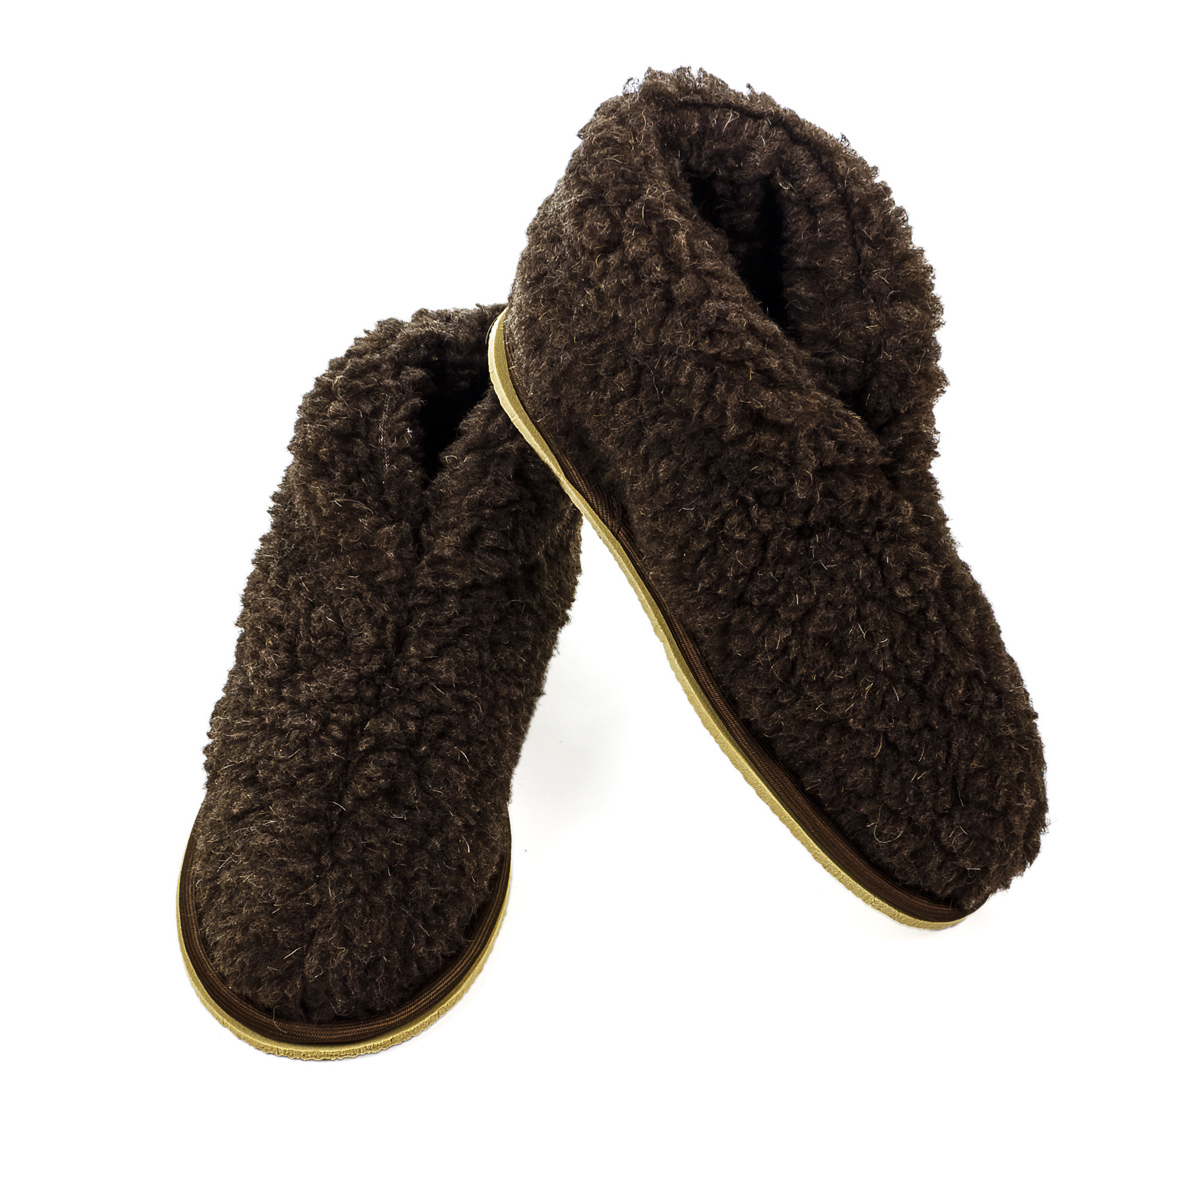 Обувь Бабуши Уют Коричневый р. 36-37Согревающий<br><br><br>Тип: Обувь<br>Размер: 36-37<br>Материал: Овечья шерсть